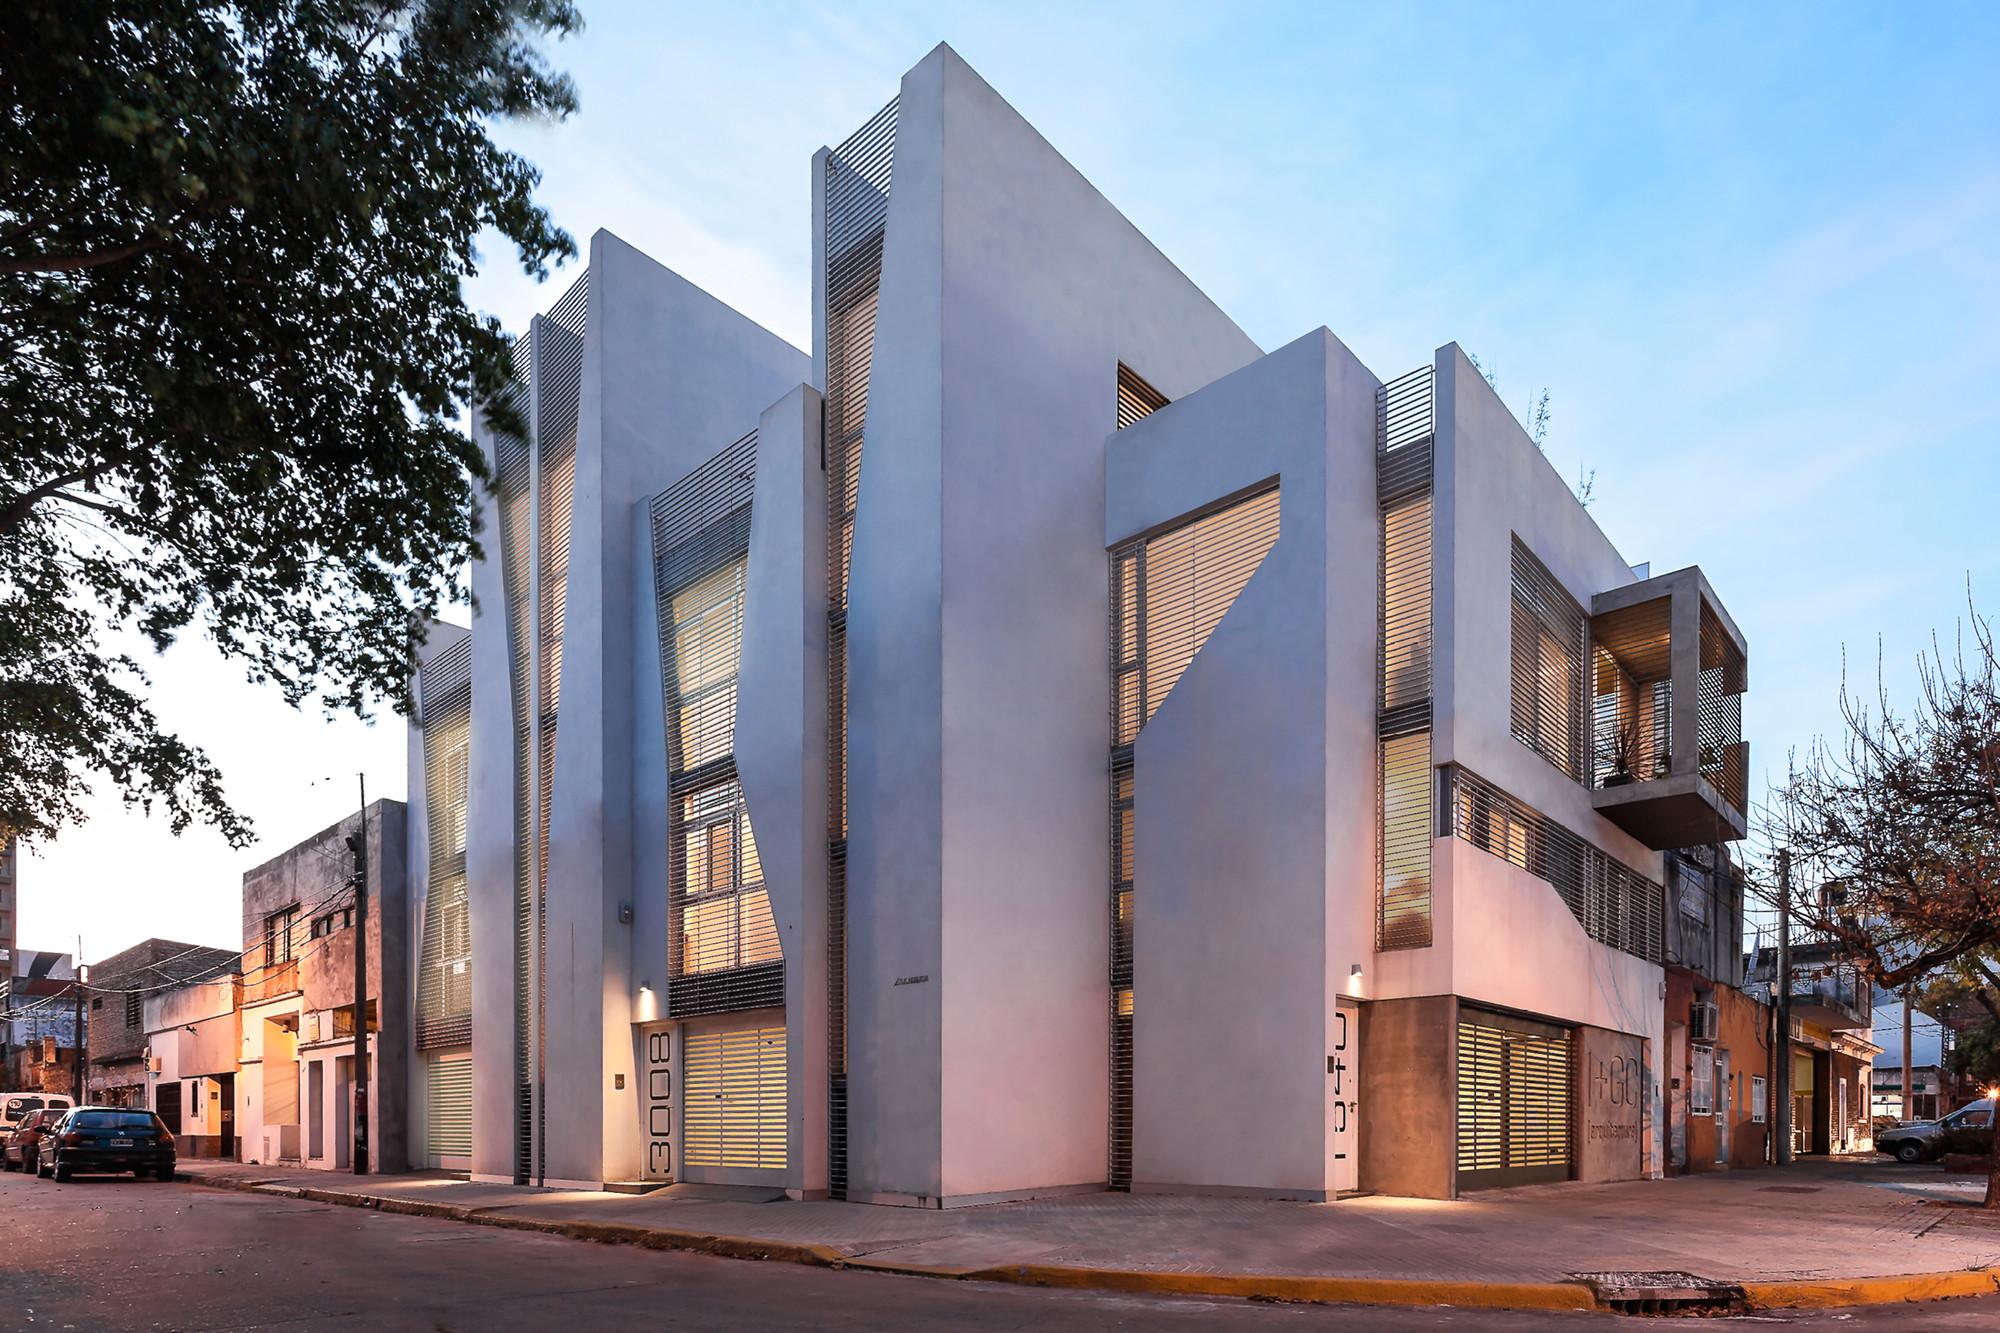 3 Houses in Rosario /  I+GC [ar], © Walter Salcedo